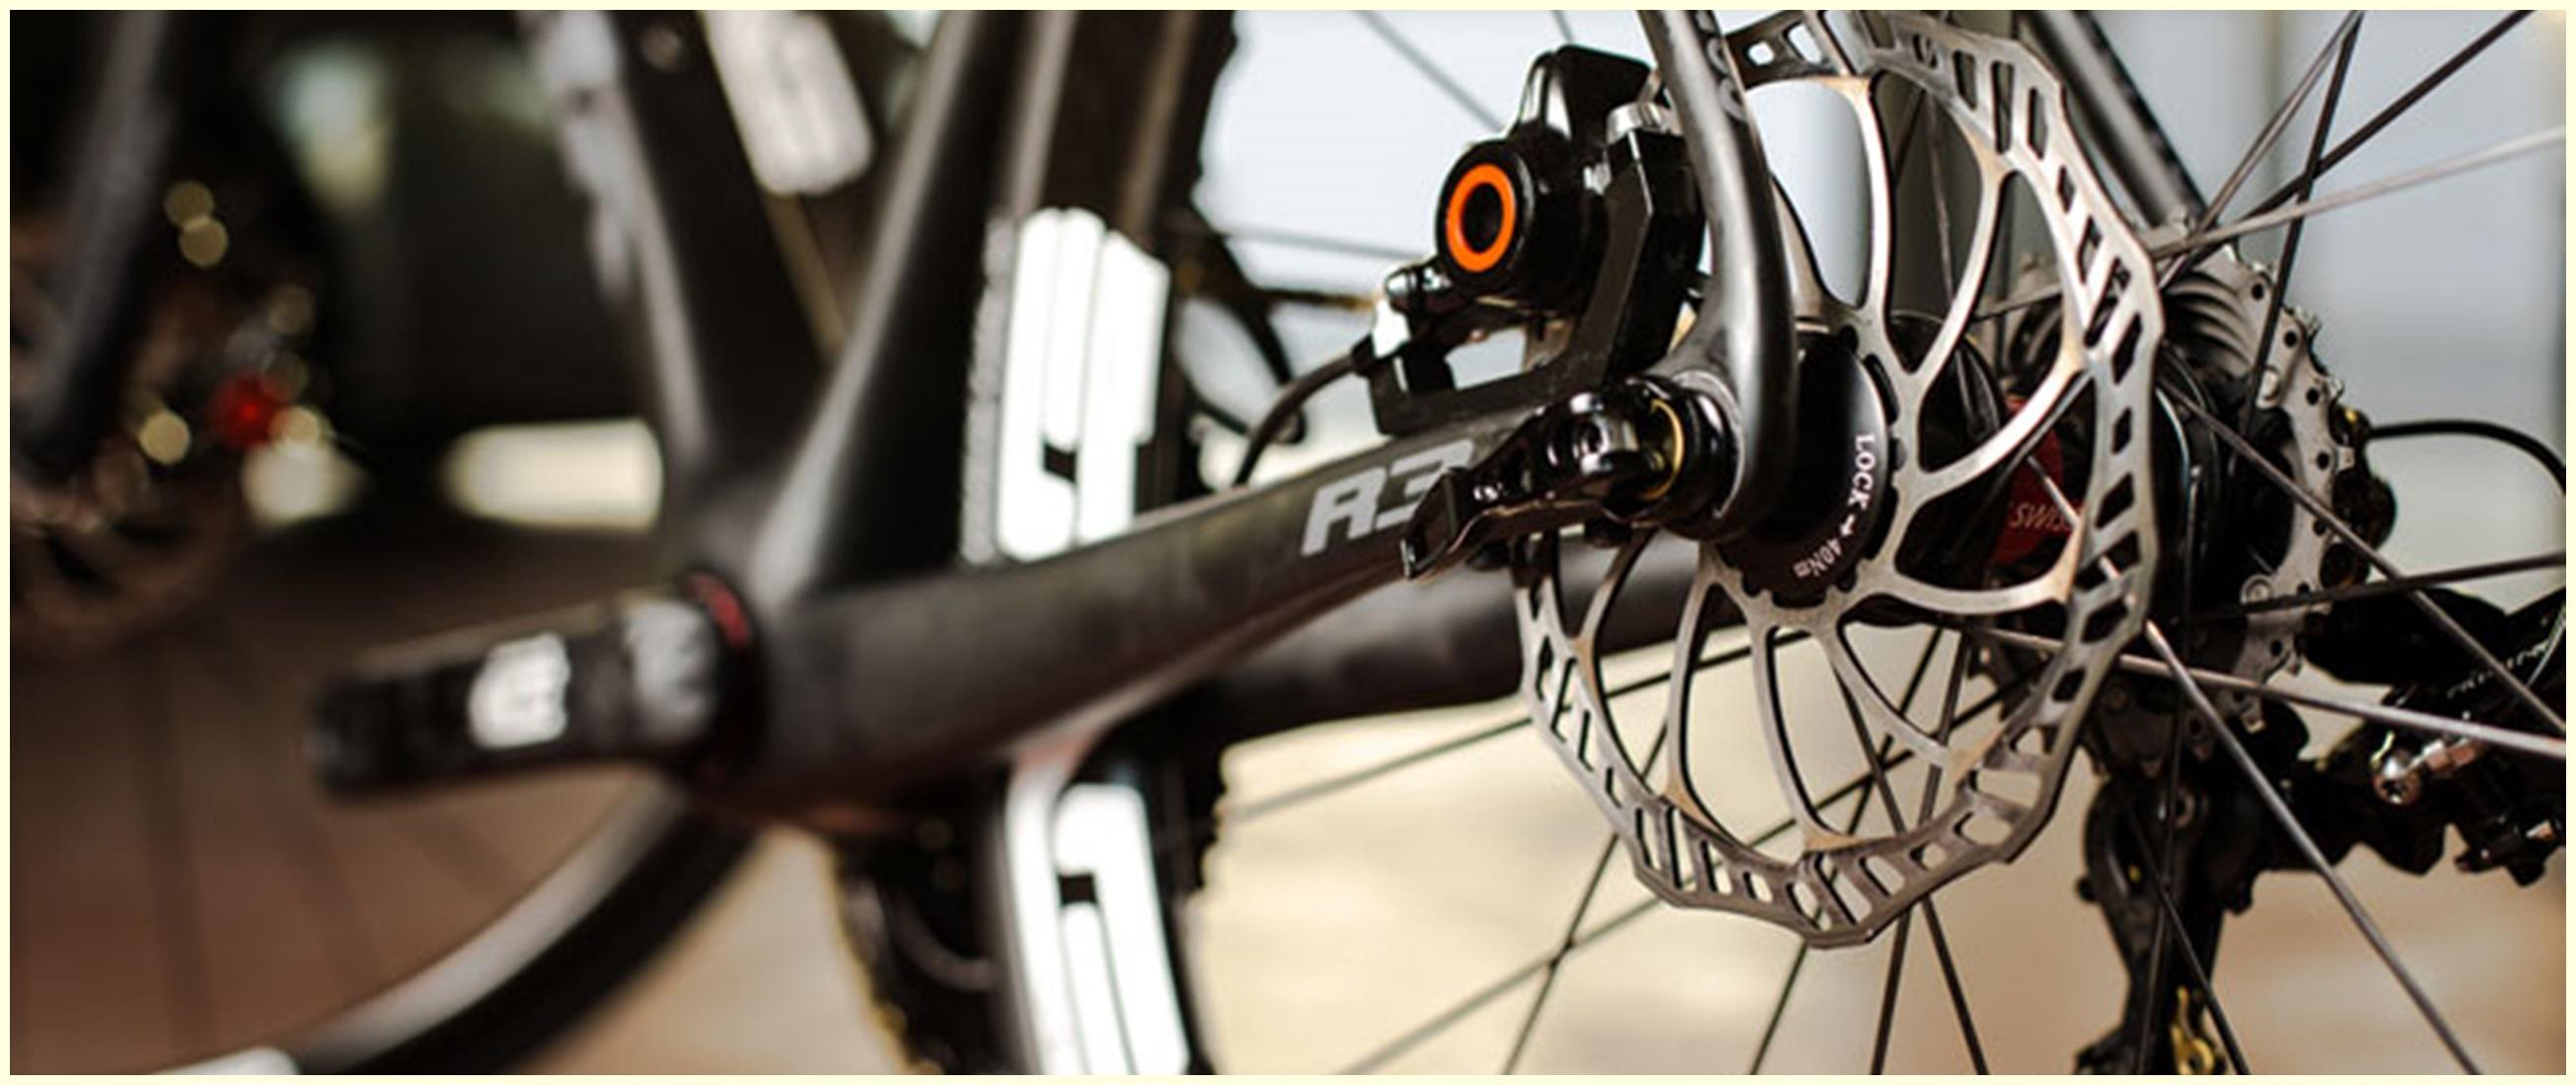 Harga dan cara kerja rem sepeda hidrolik yang banyak diburu